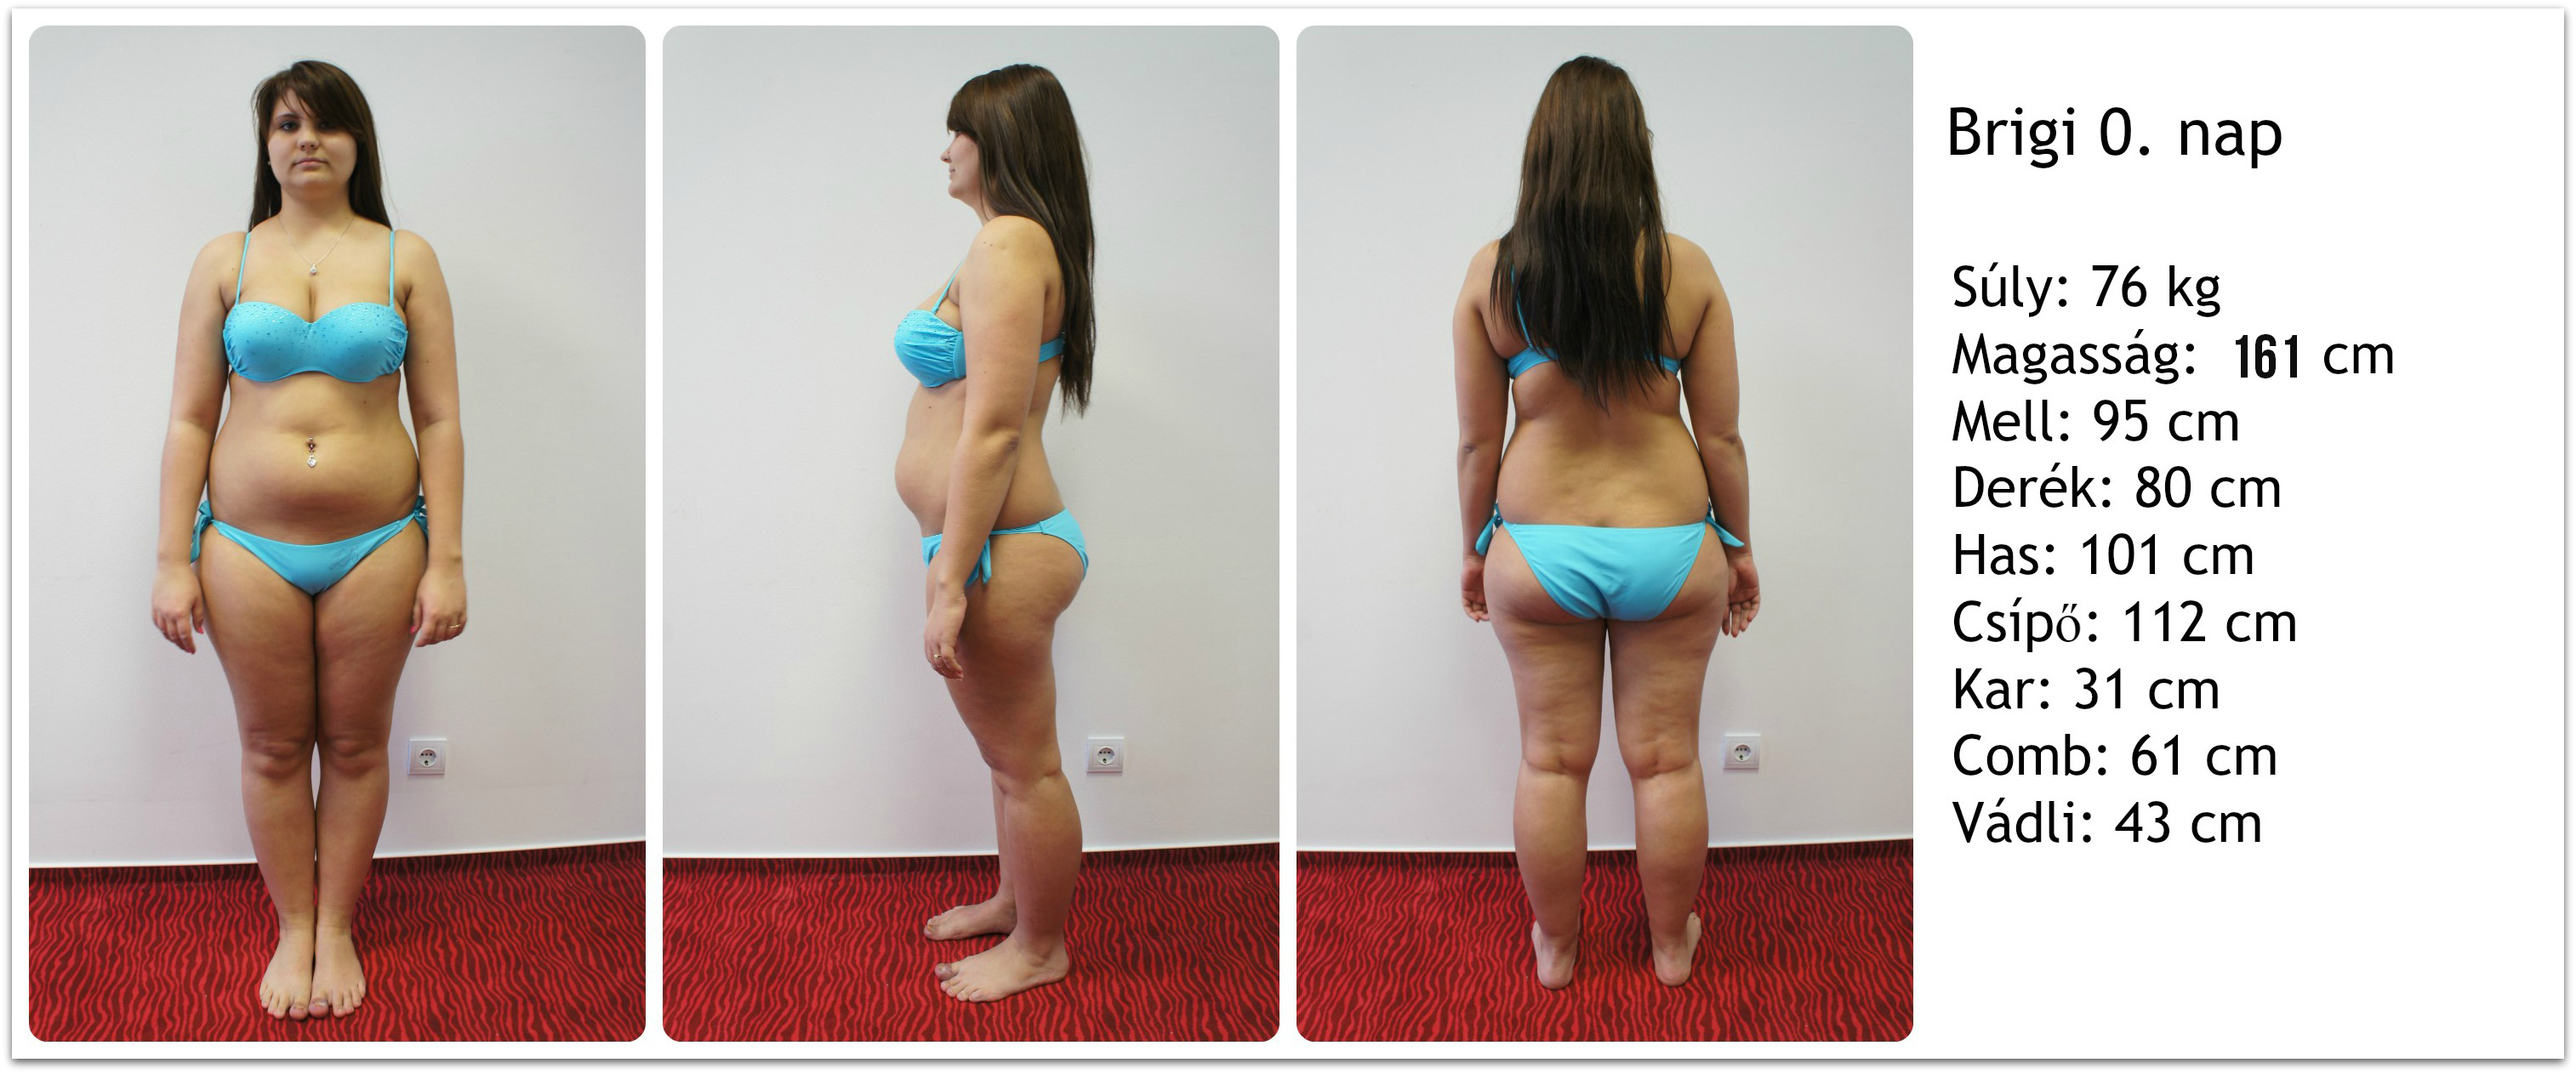 10 kg súlycsökkenés 2 hét alatt